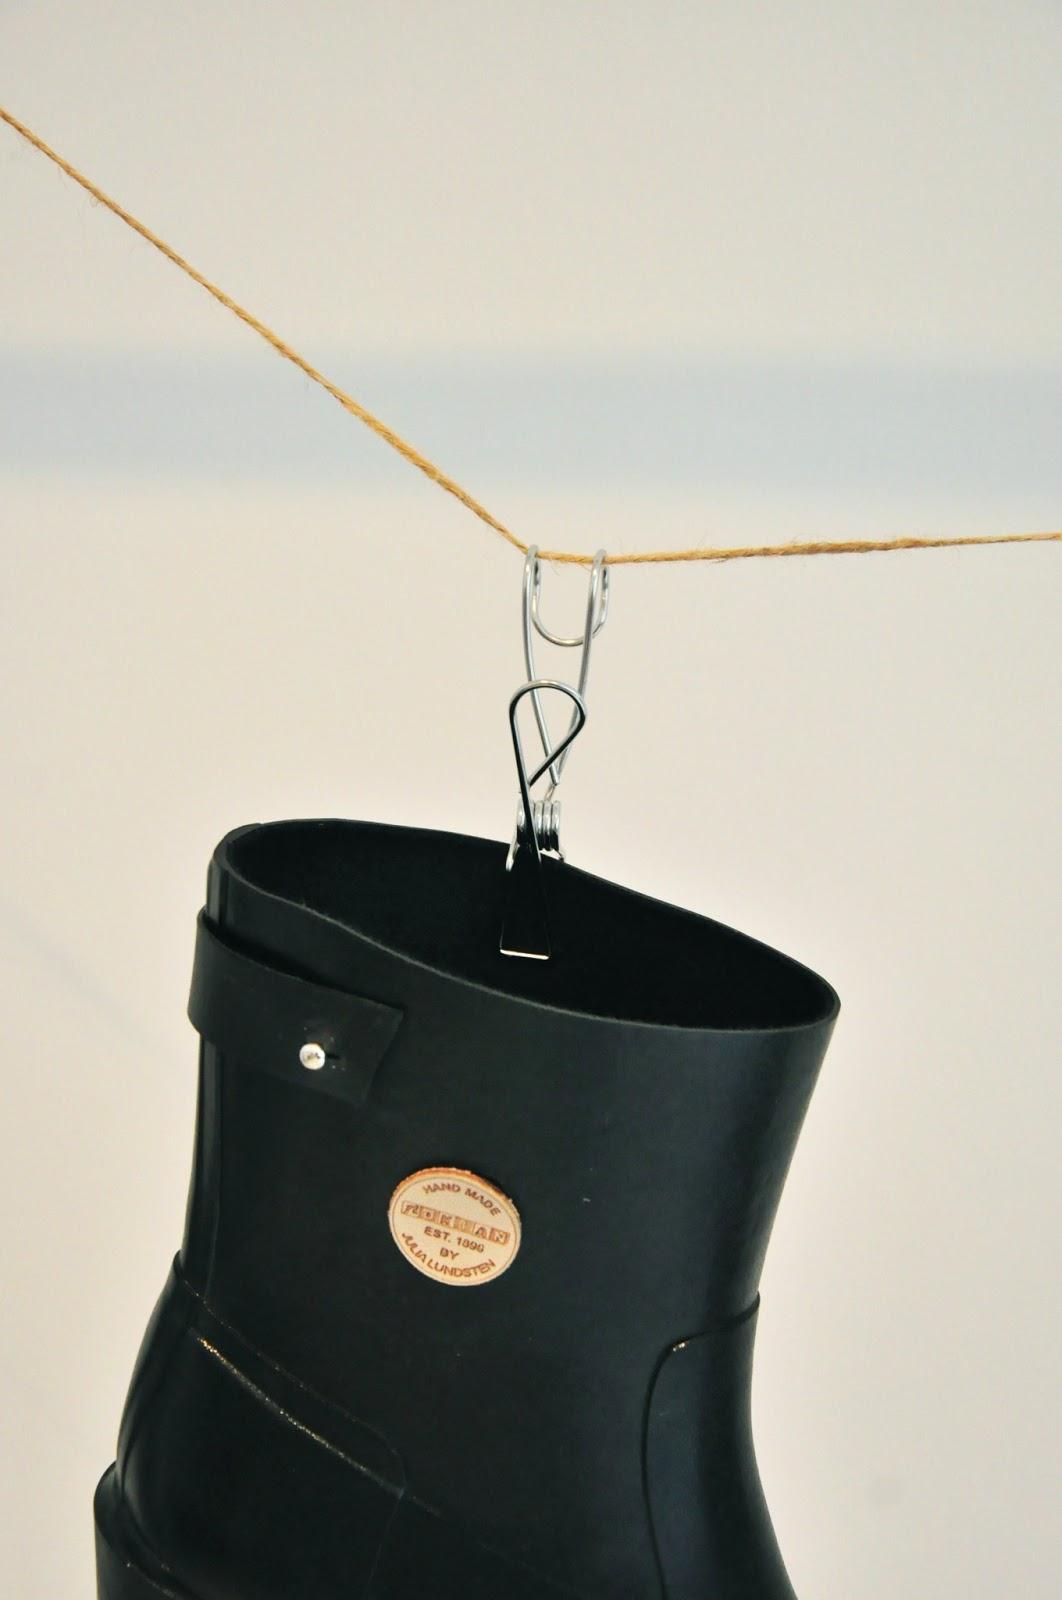 Nokia city rubber boots in garden - 1 1